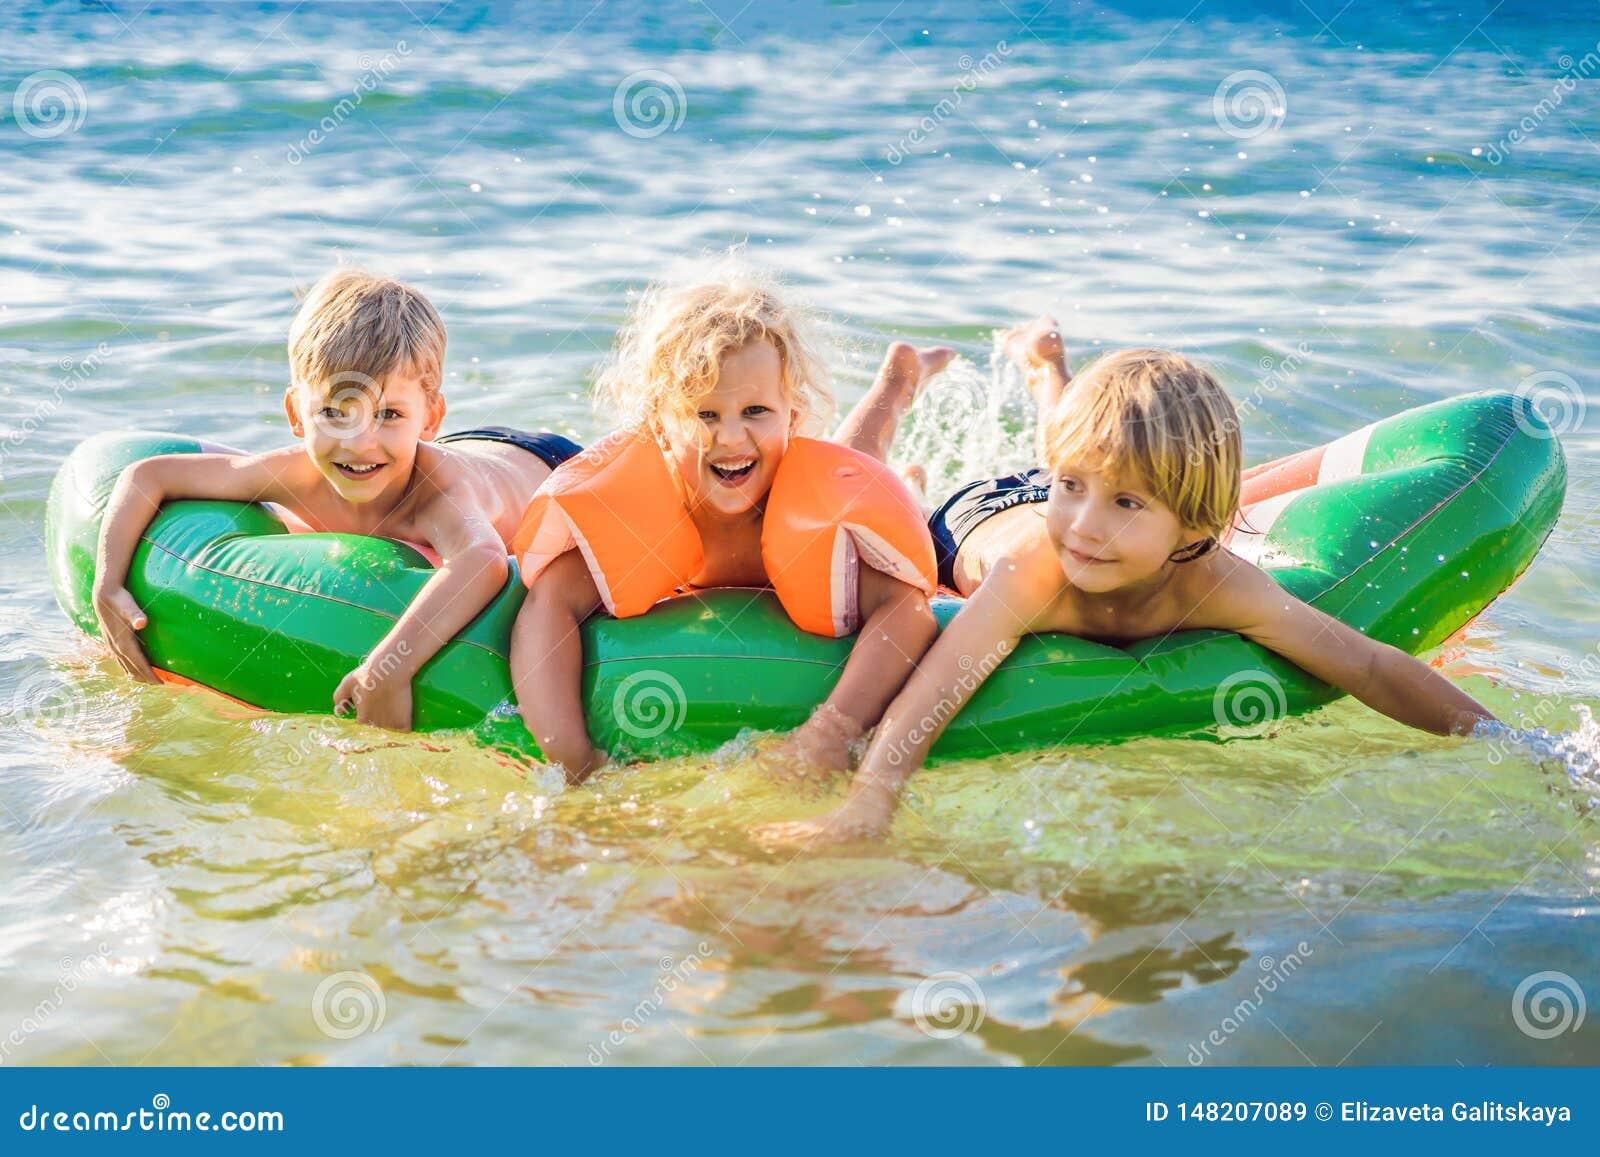 Les enfants nagent en mer sur un matelas gonflable et avoir l amusement